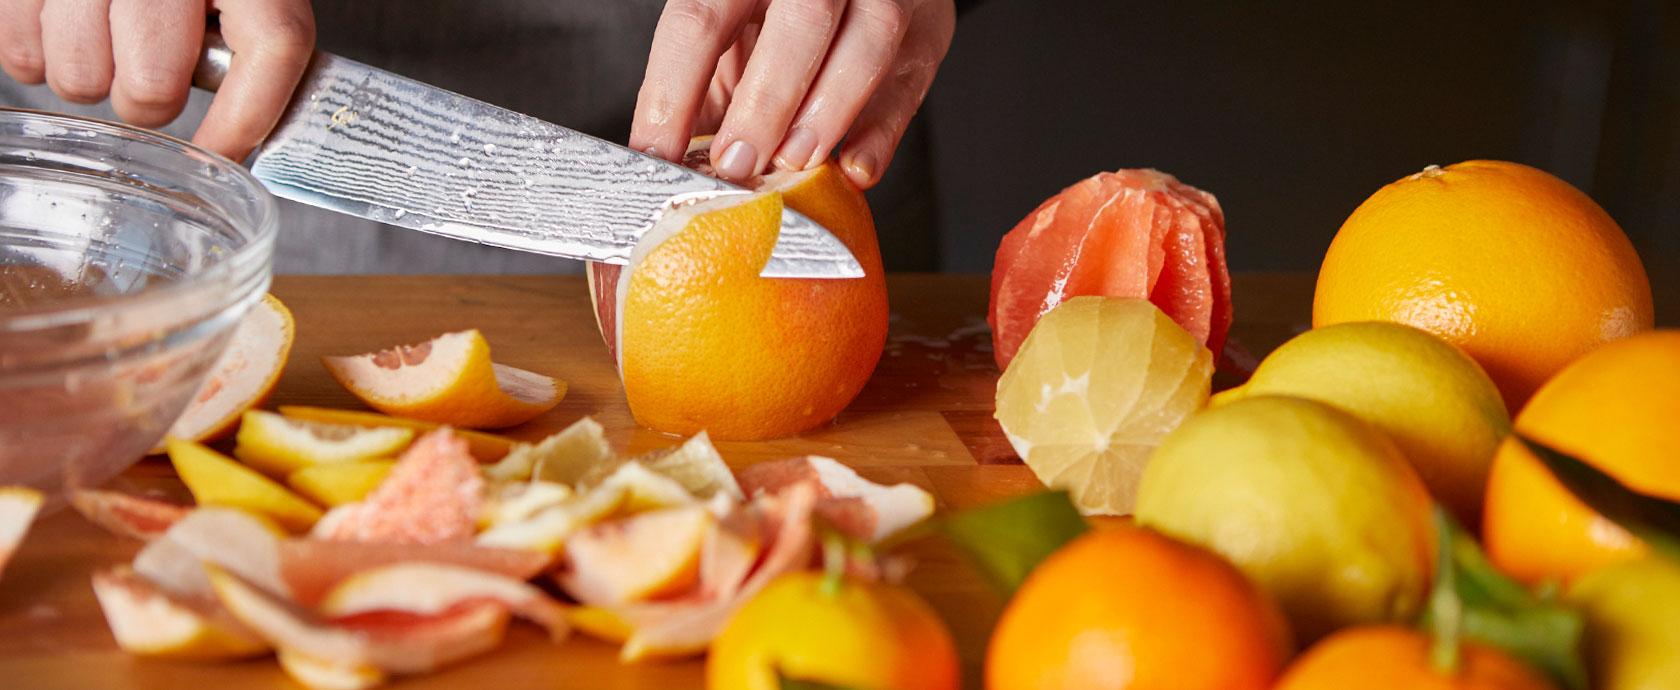 chef slicing citrus fruit